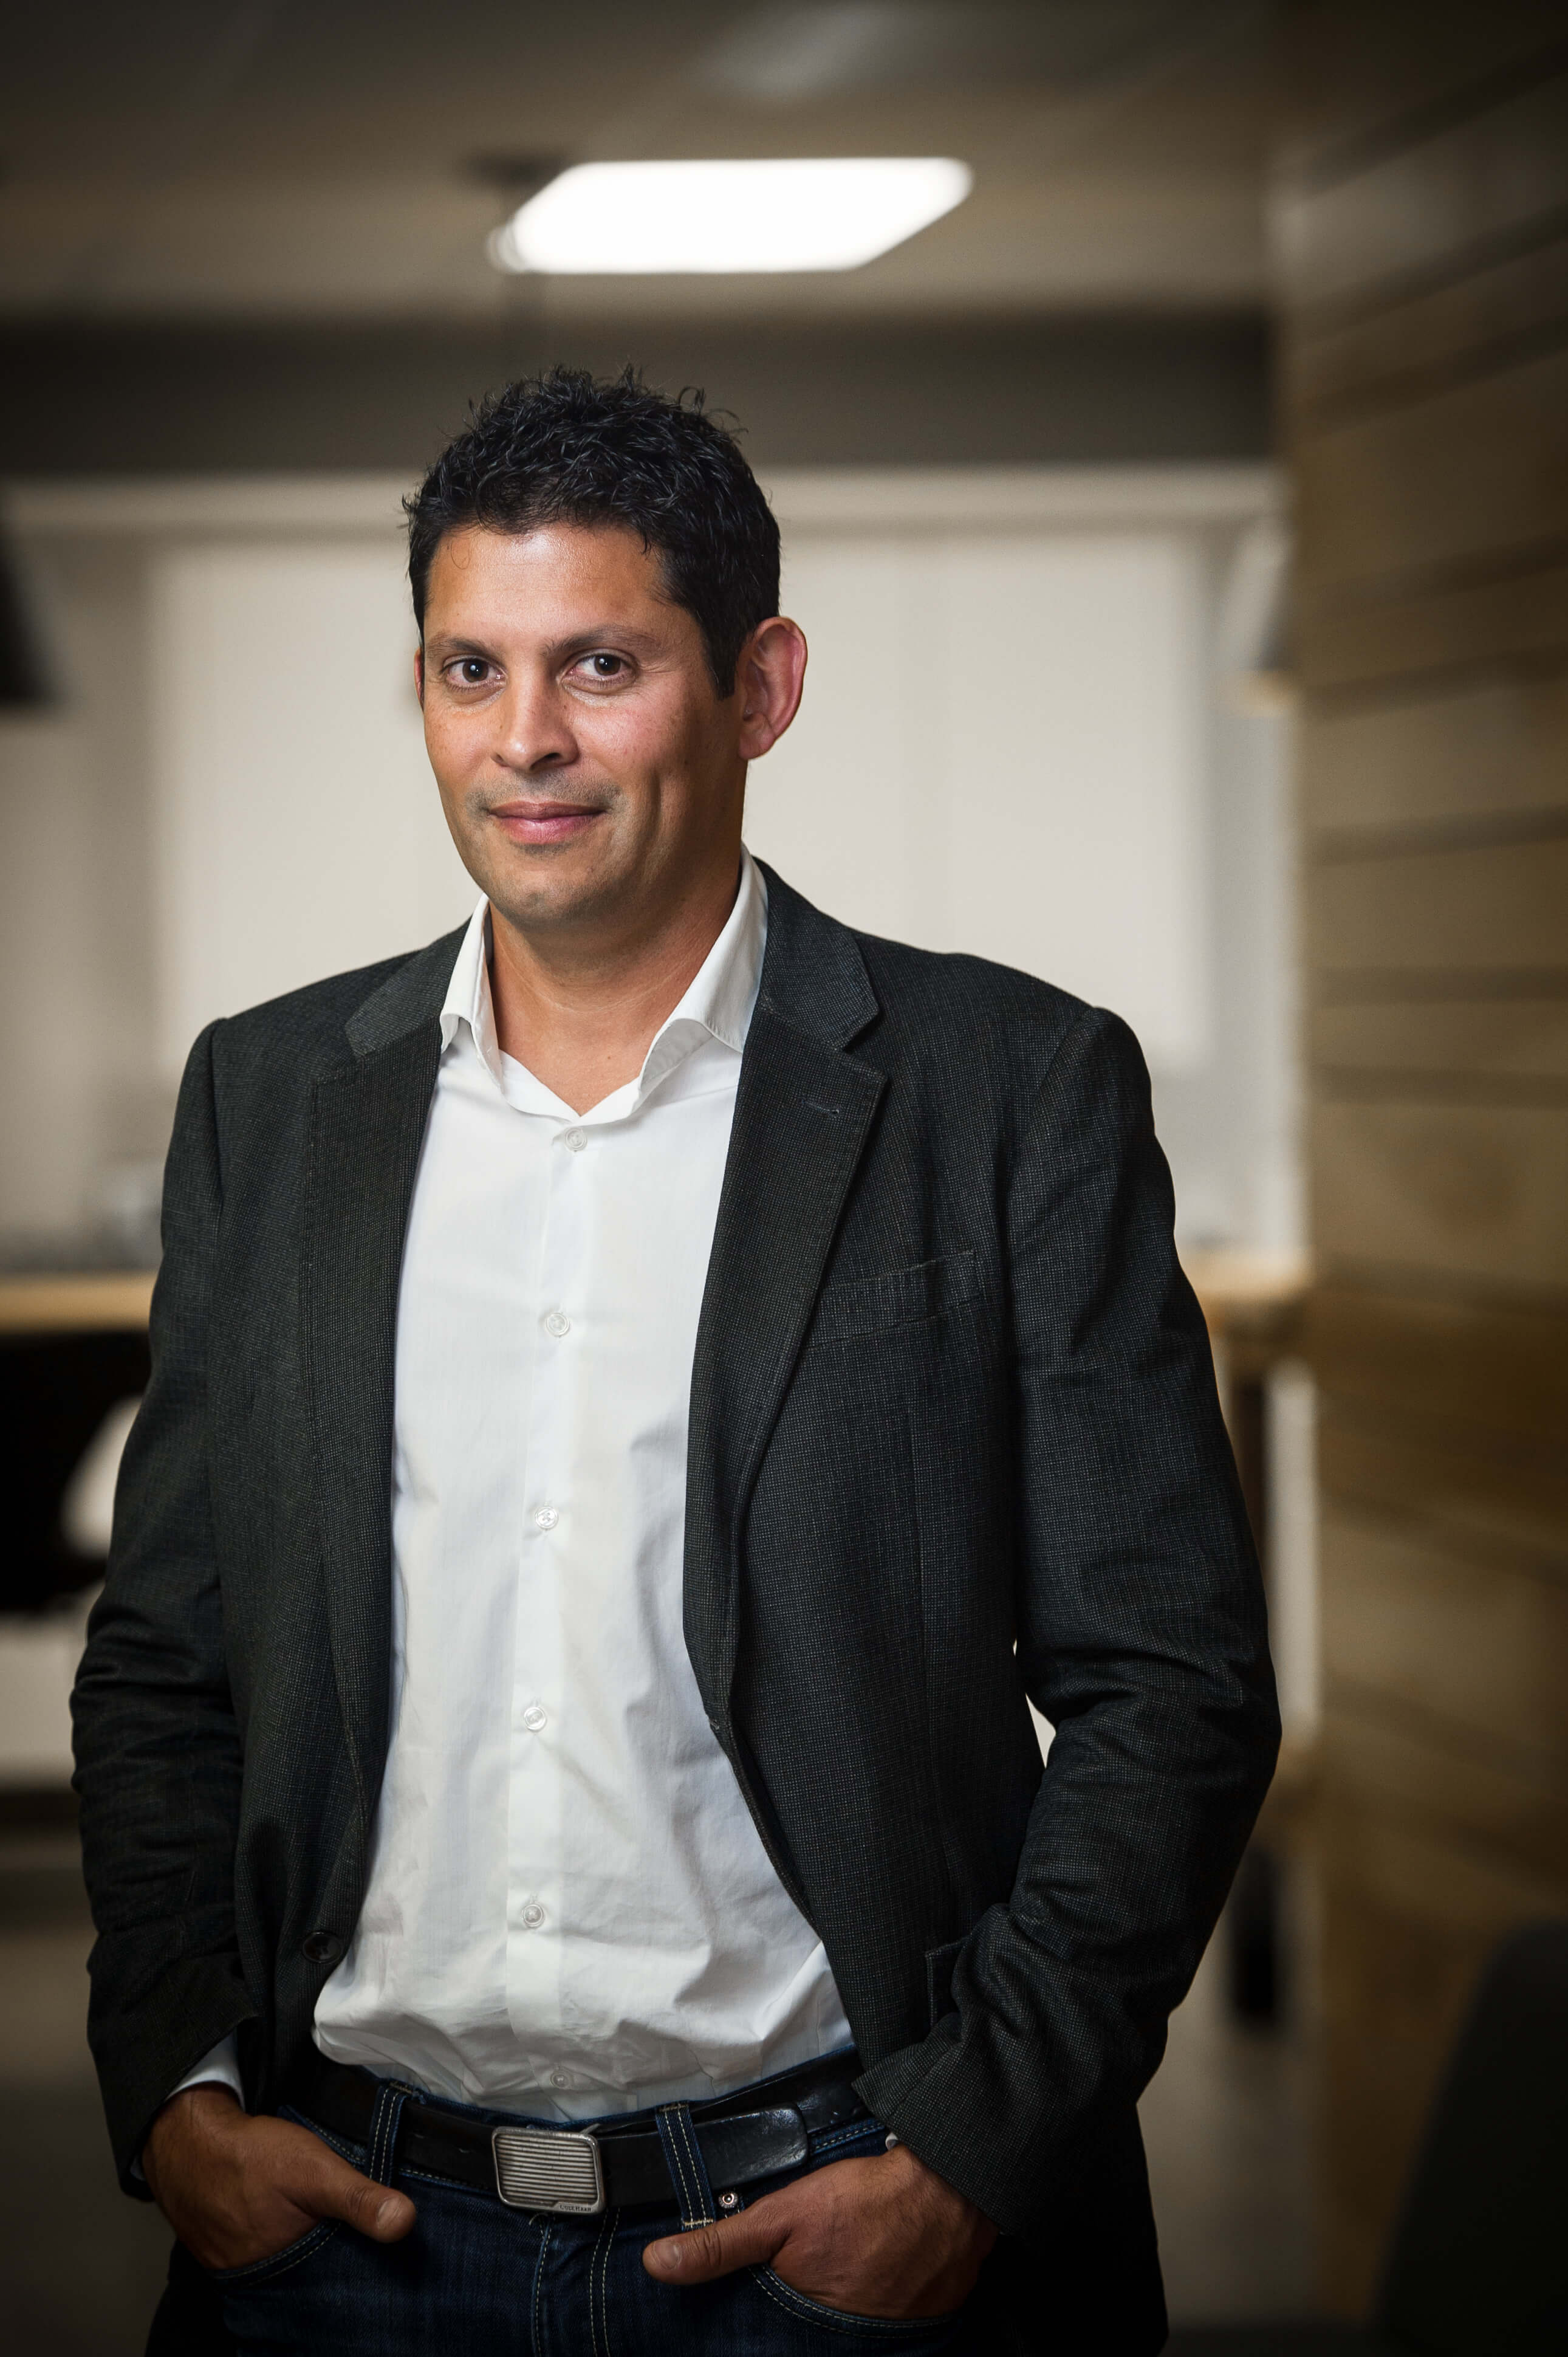 Nicholas Donohoe, Director